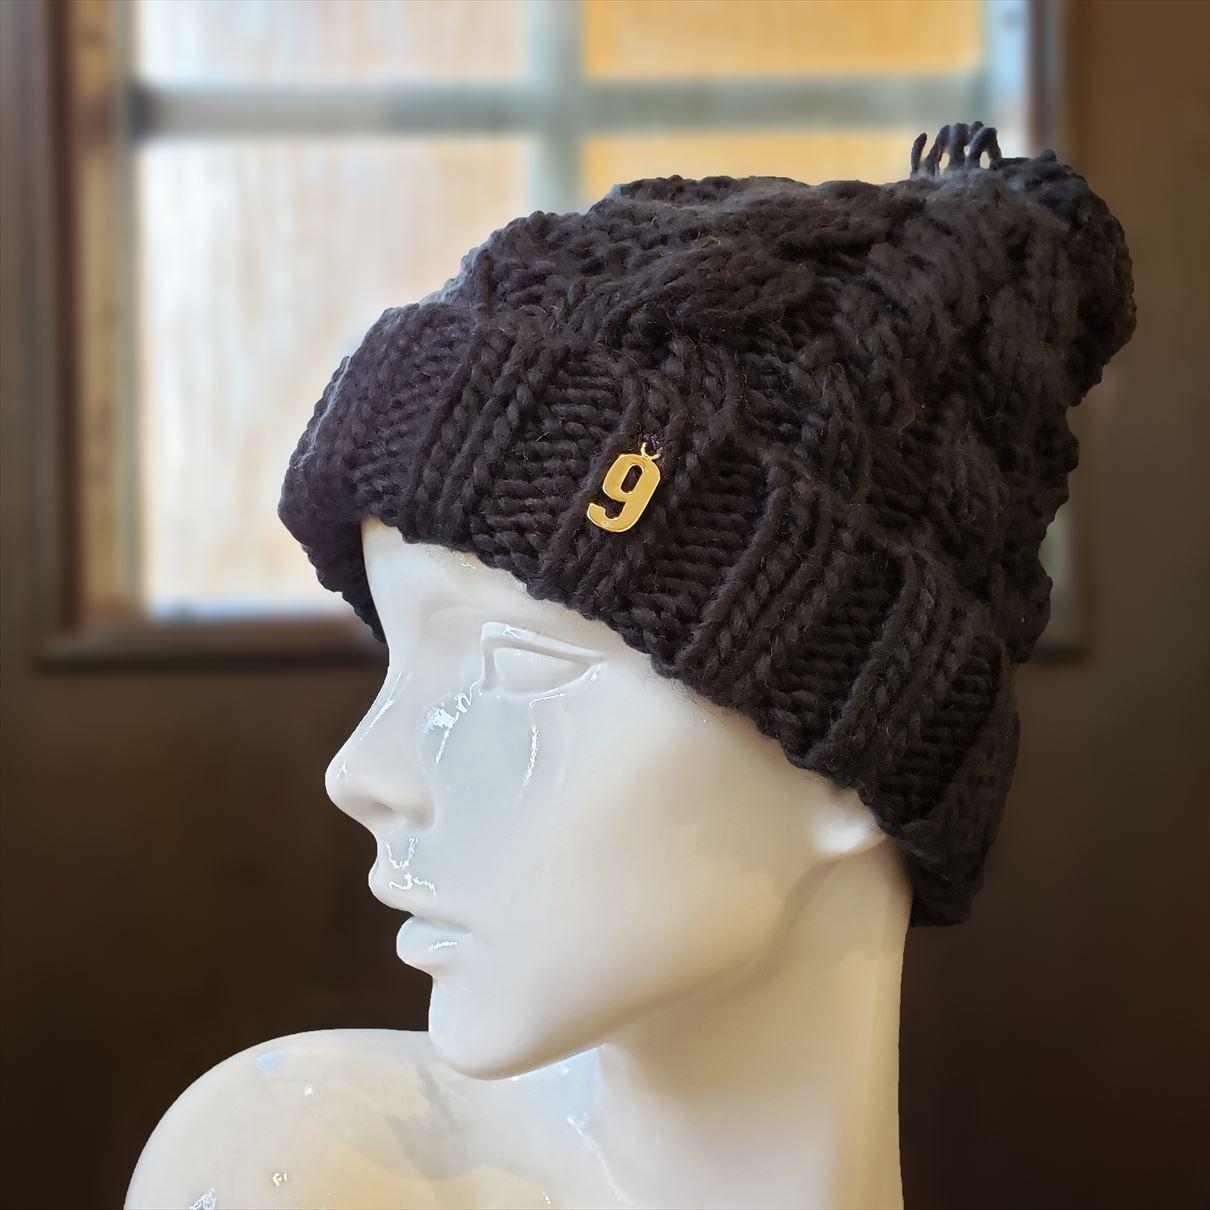 ナンバーニット帽(ブラック)